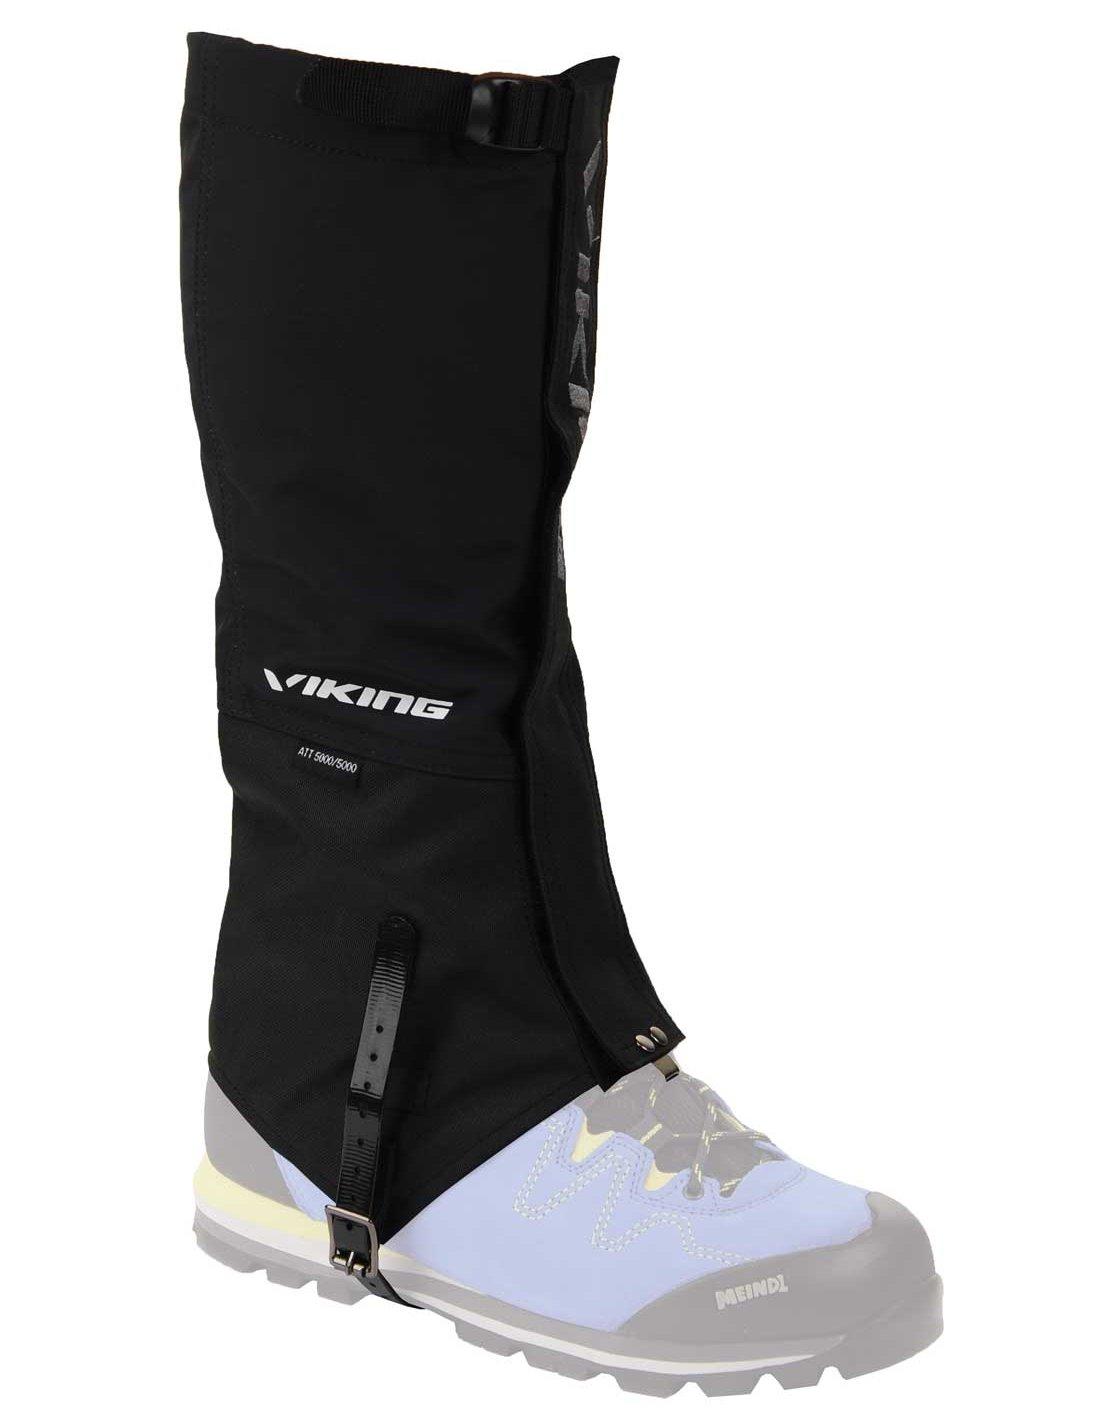 viking Ghette da Donna E da Uomo Protezione dalla Pioggia E dalla Neve Alto - Ideali per Outdoor E Trekking, Molto Robuste - 7404 Larix